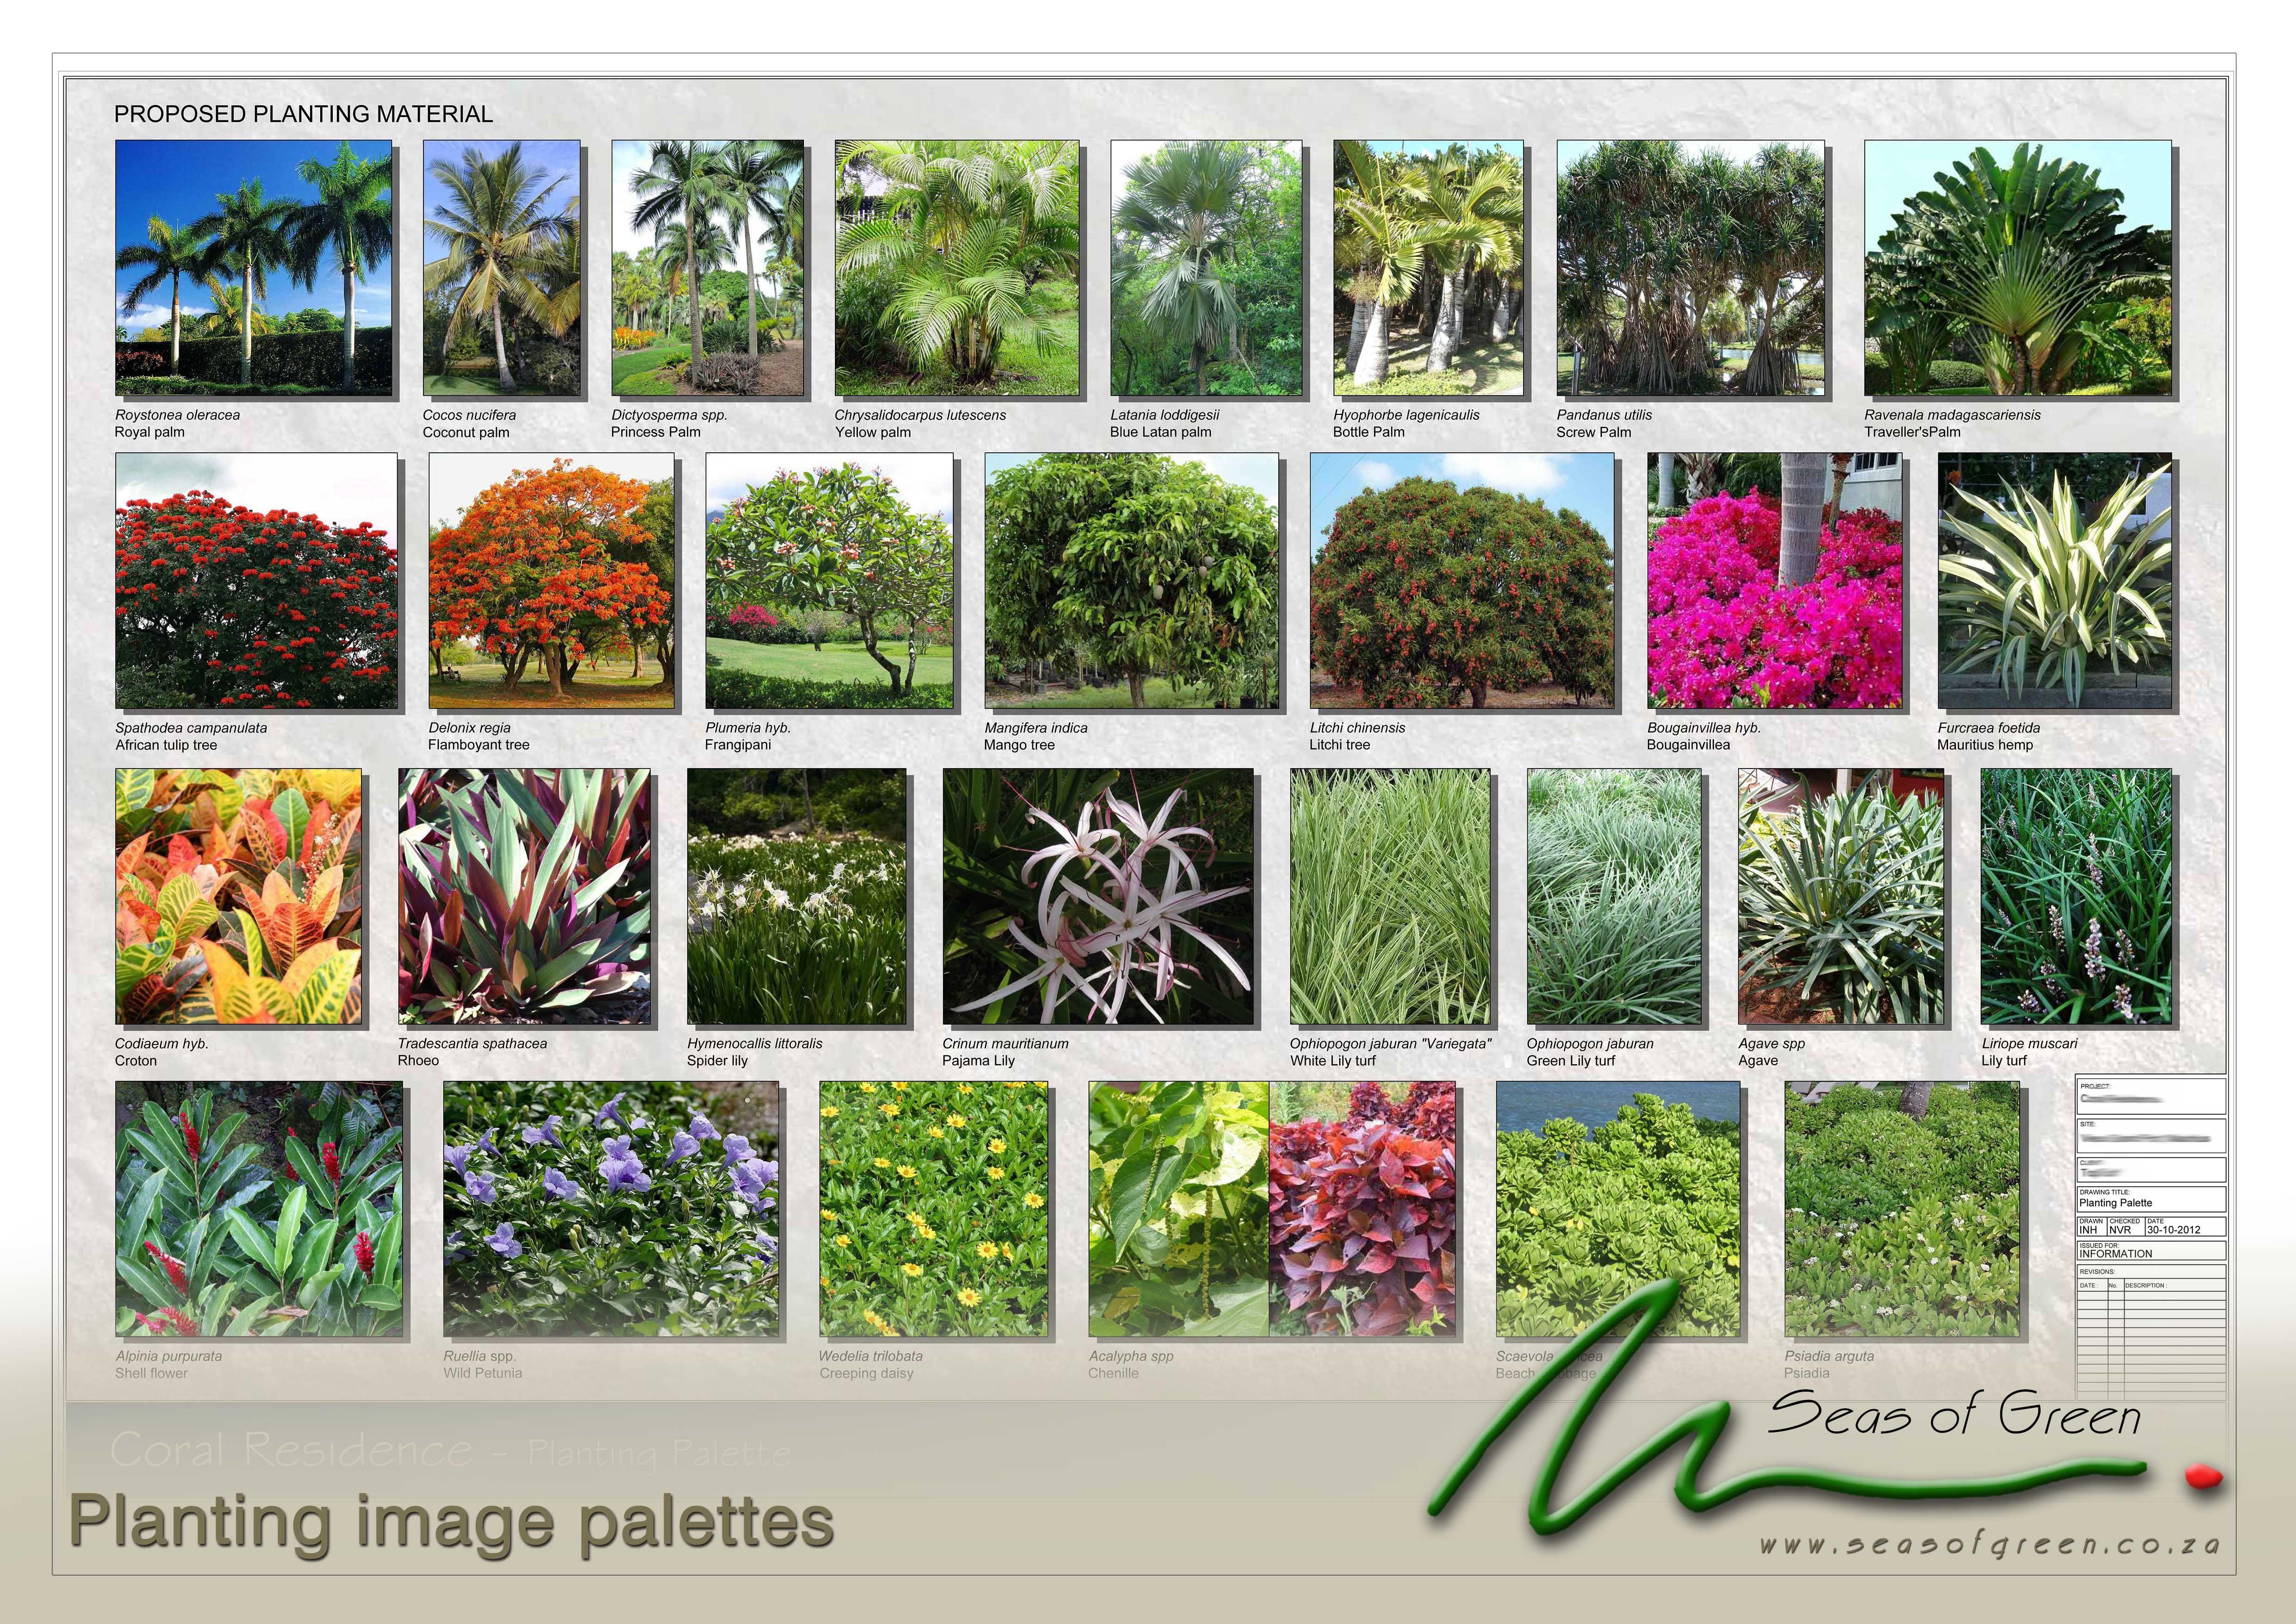 Mauritian Planting Palette Landscaping Plants Landscape Design Garden Plants